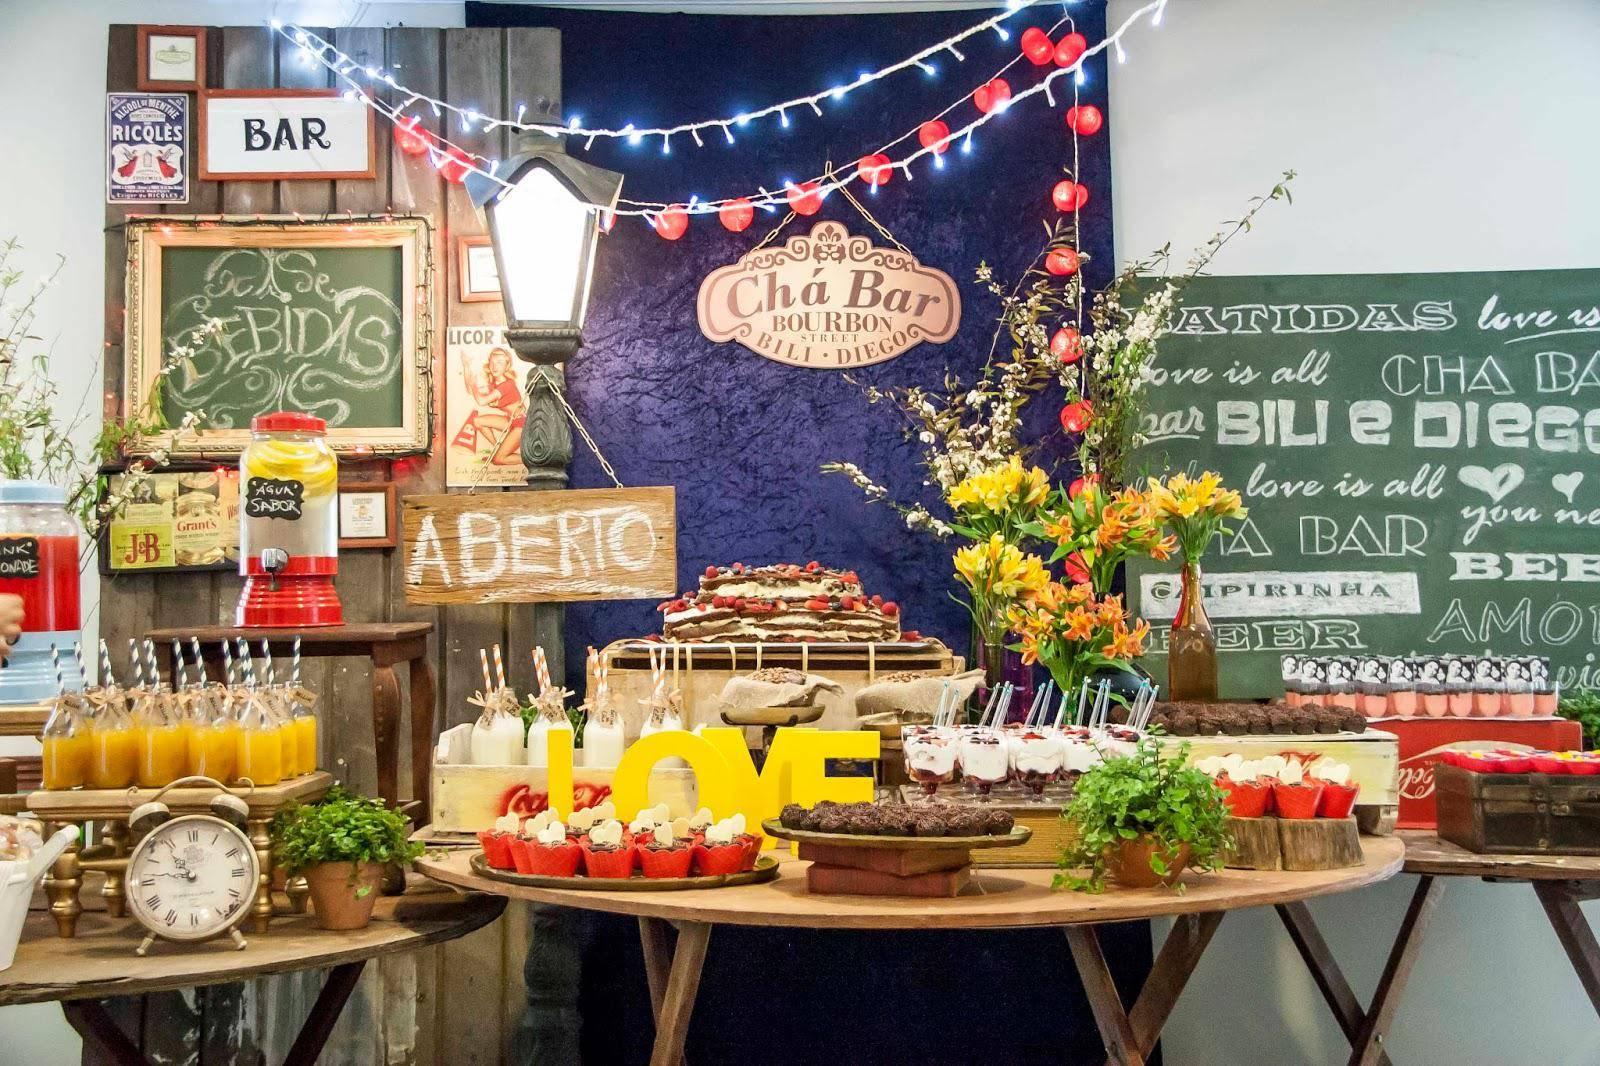 www.juicysantos.com.br - chá bar decoração